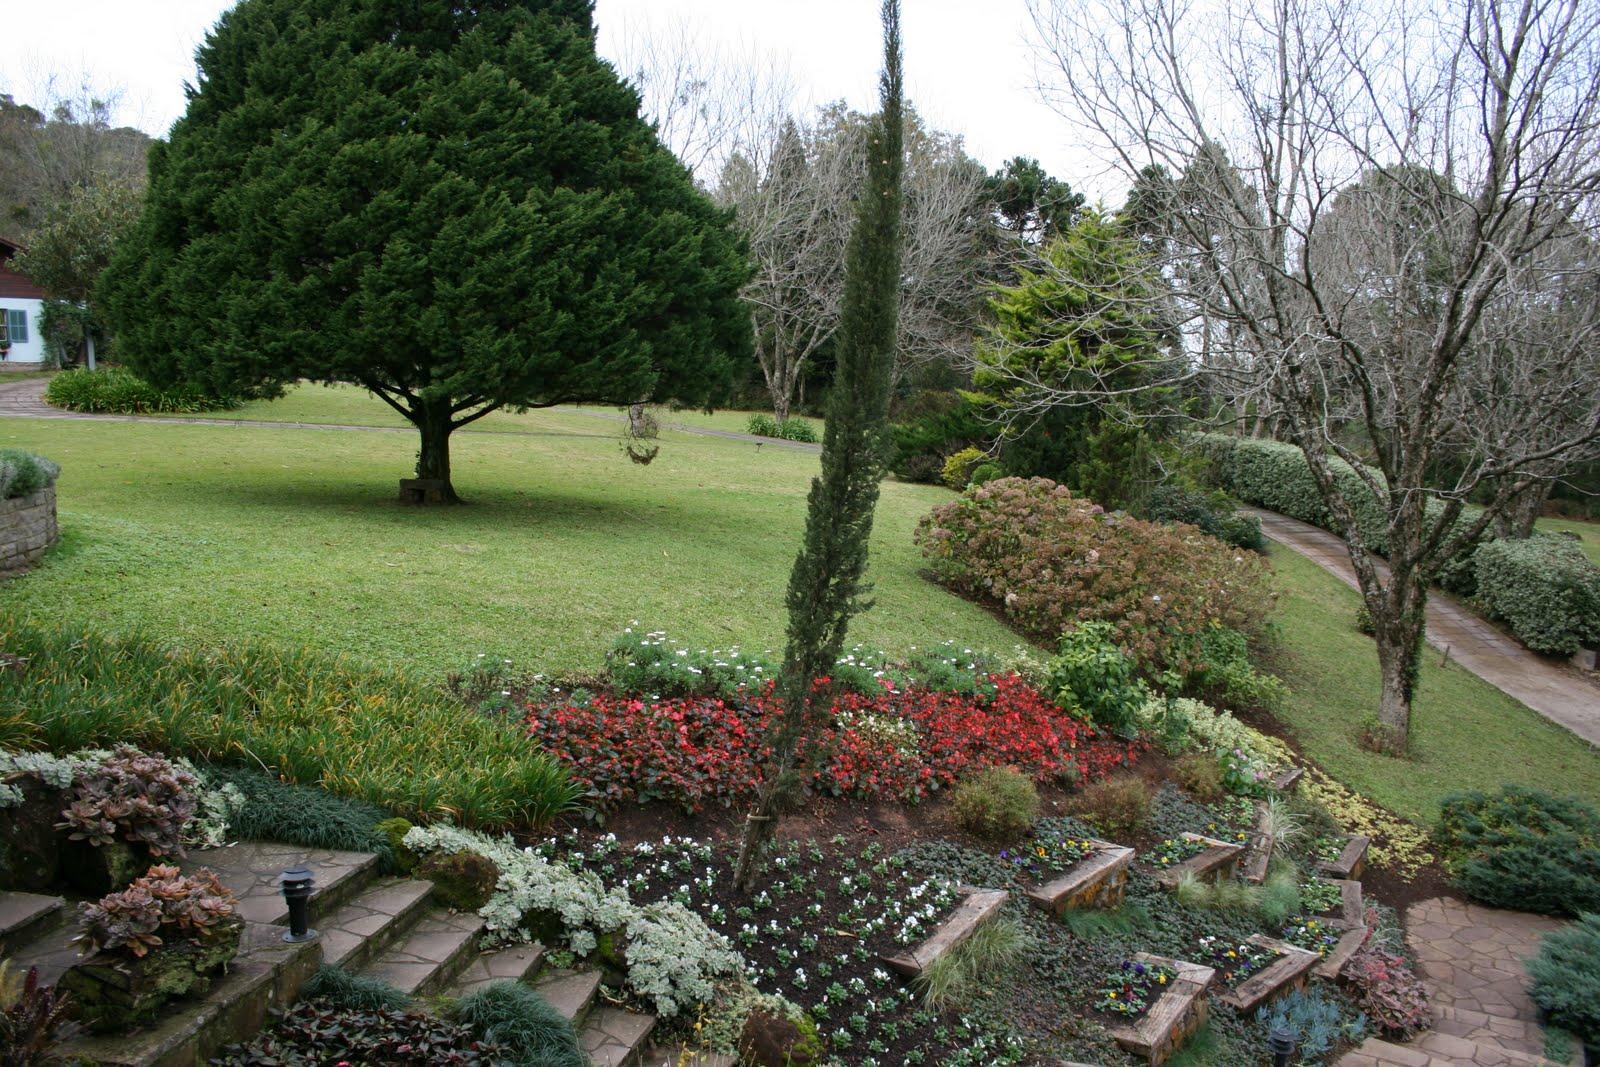 Le jardin parque de lavanda gramado viagem e viagens for Le jardin des epilobes